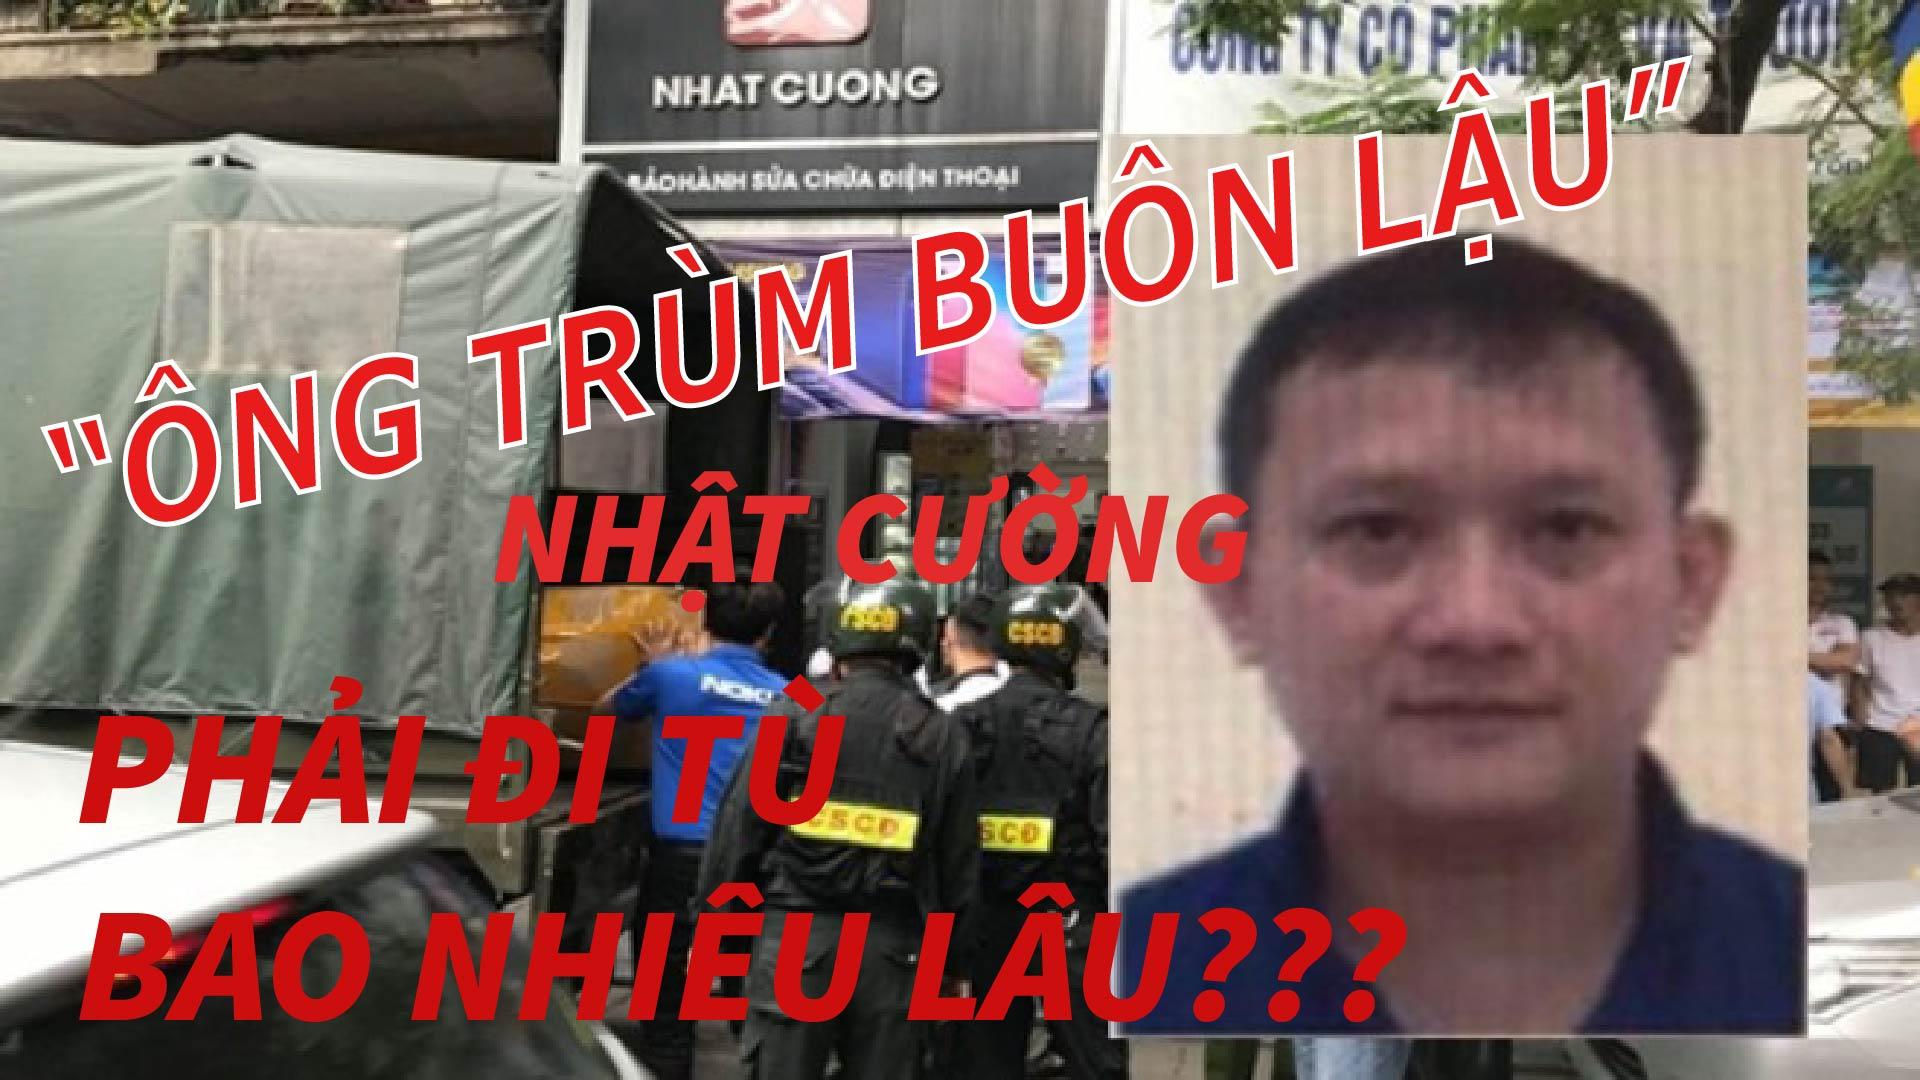 """""""Ông trùm buôn lậu"""" Nhật Cường - Bùi Quang Huy đối mặt mức án bao nhiêu năm tù?"""